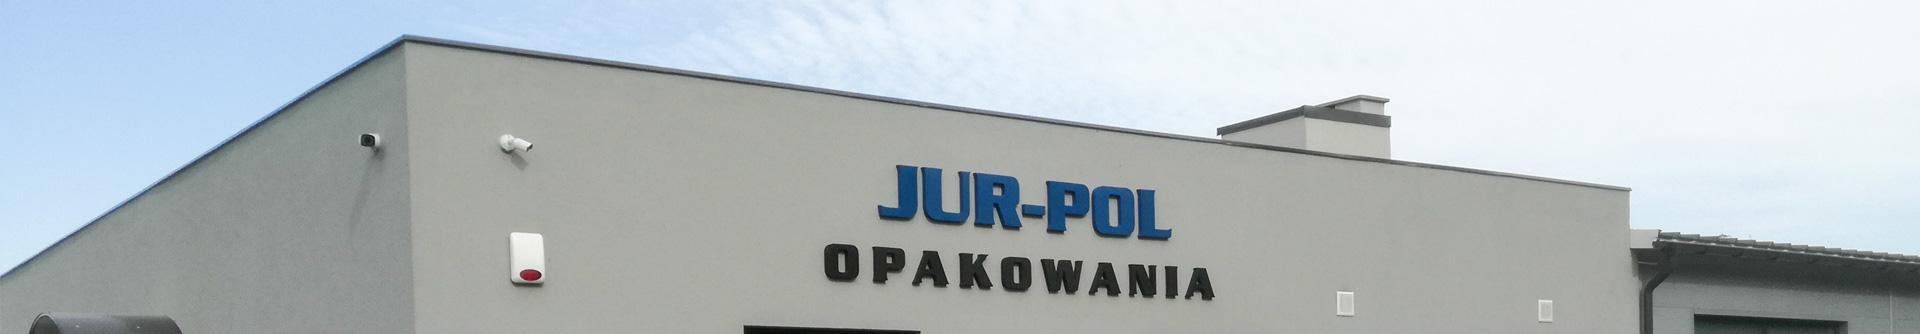 opakowania Jur-Pol siedziba firmy